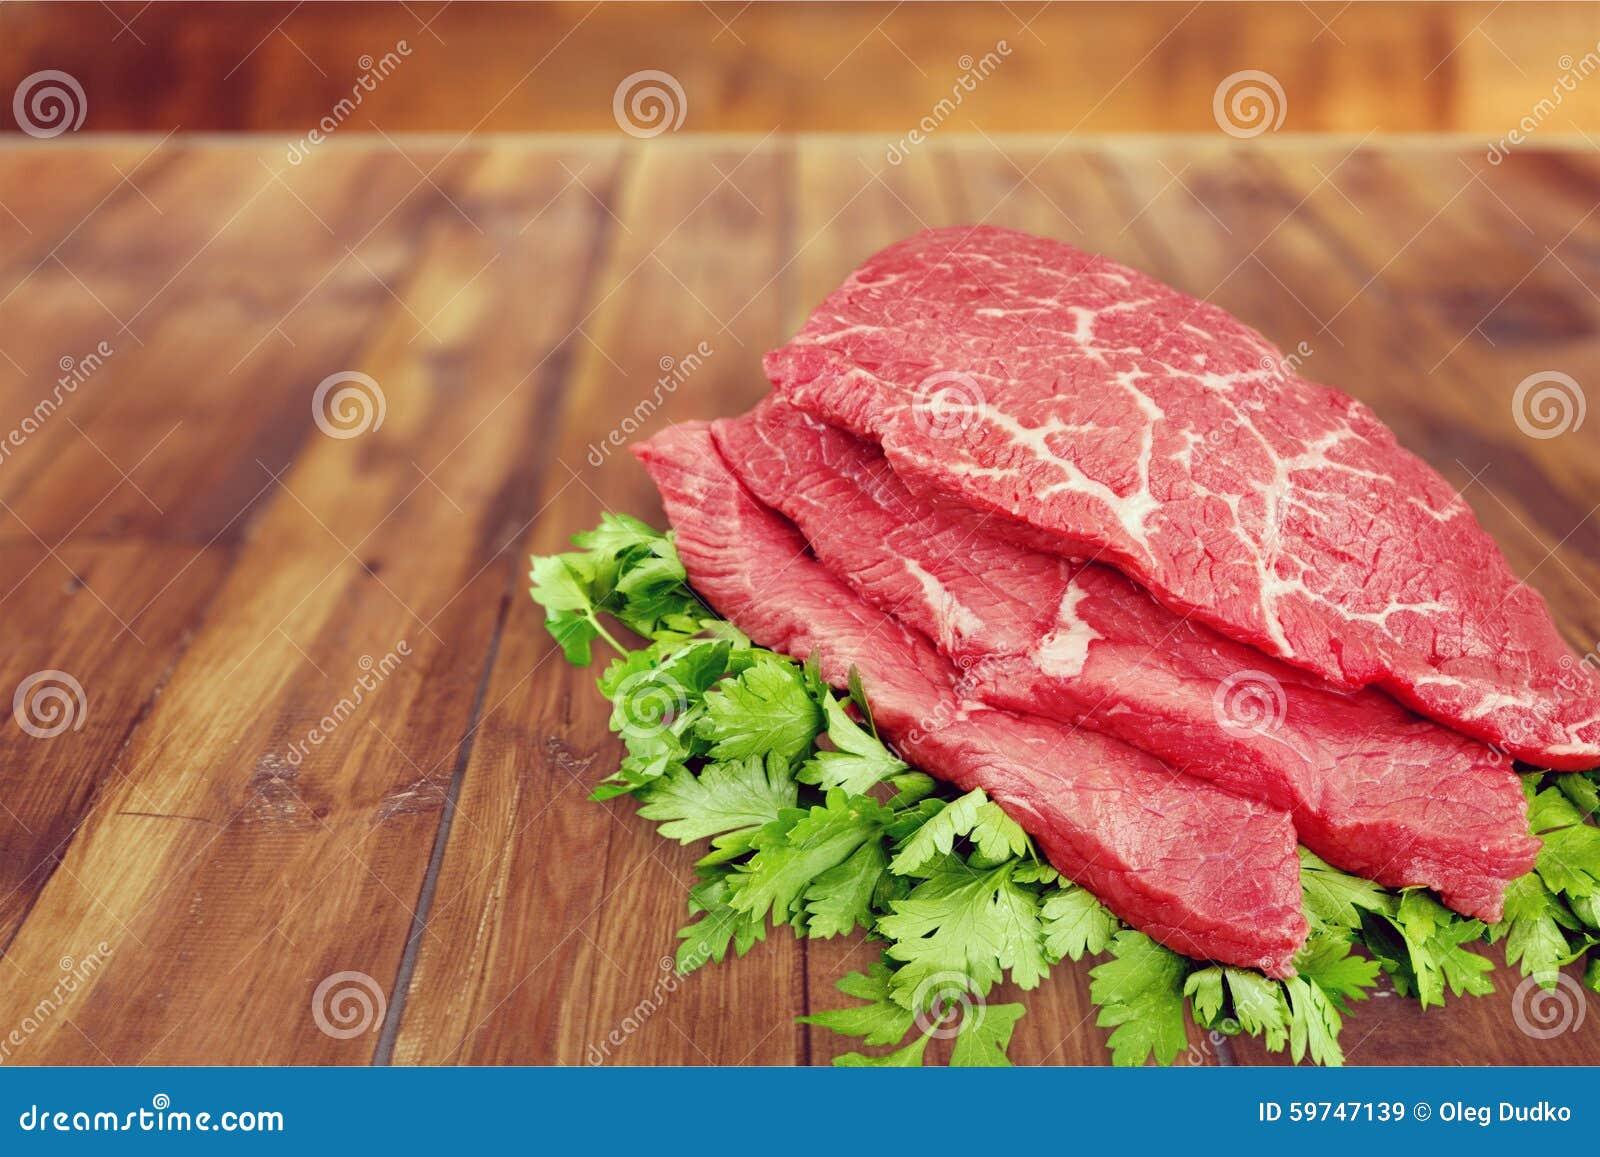 营养牛腩生肉成份切片剁最初.鸡胗猪肉牛肉图片